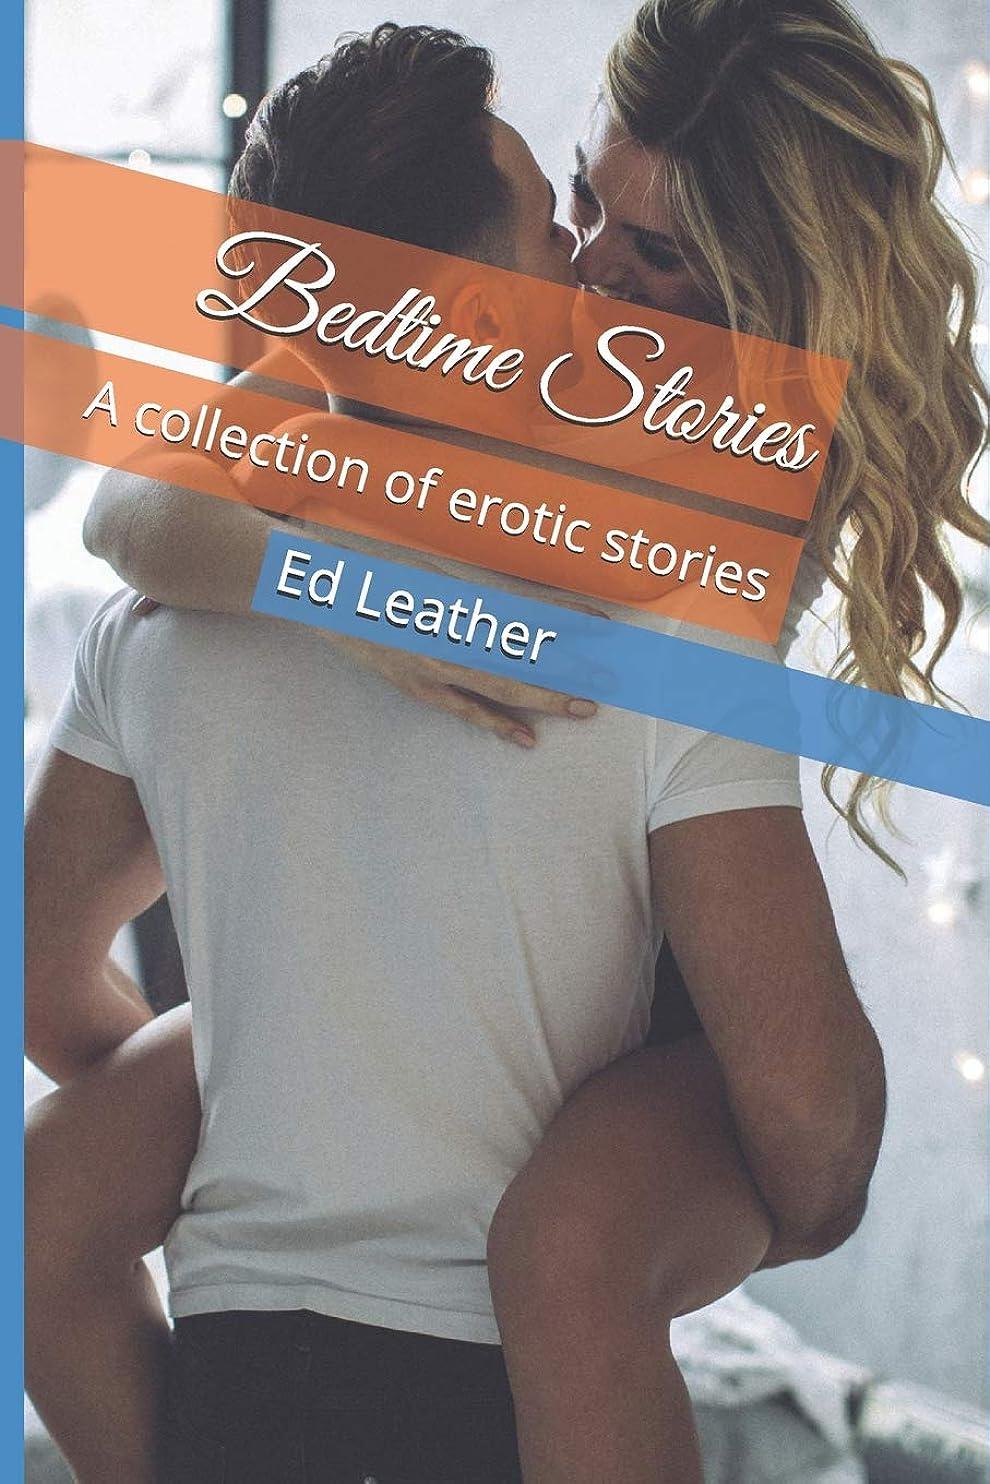 胆嚢ダイアクリティカルプラグBedtime Stories: A collection of erotic stories